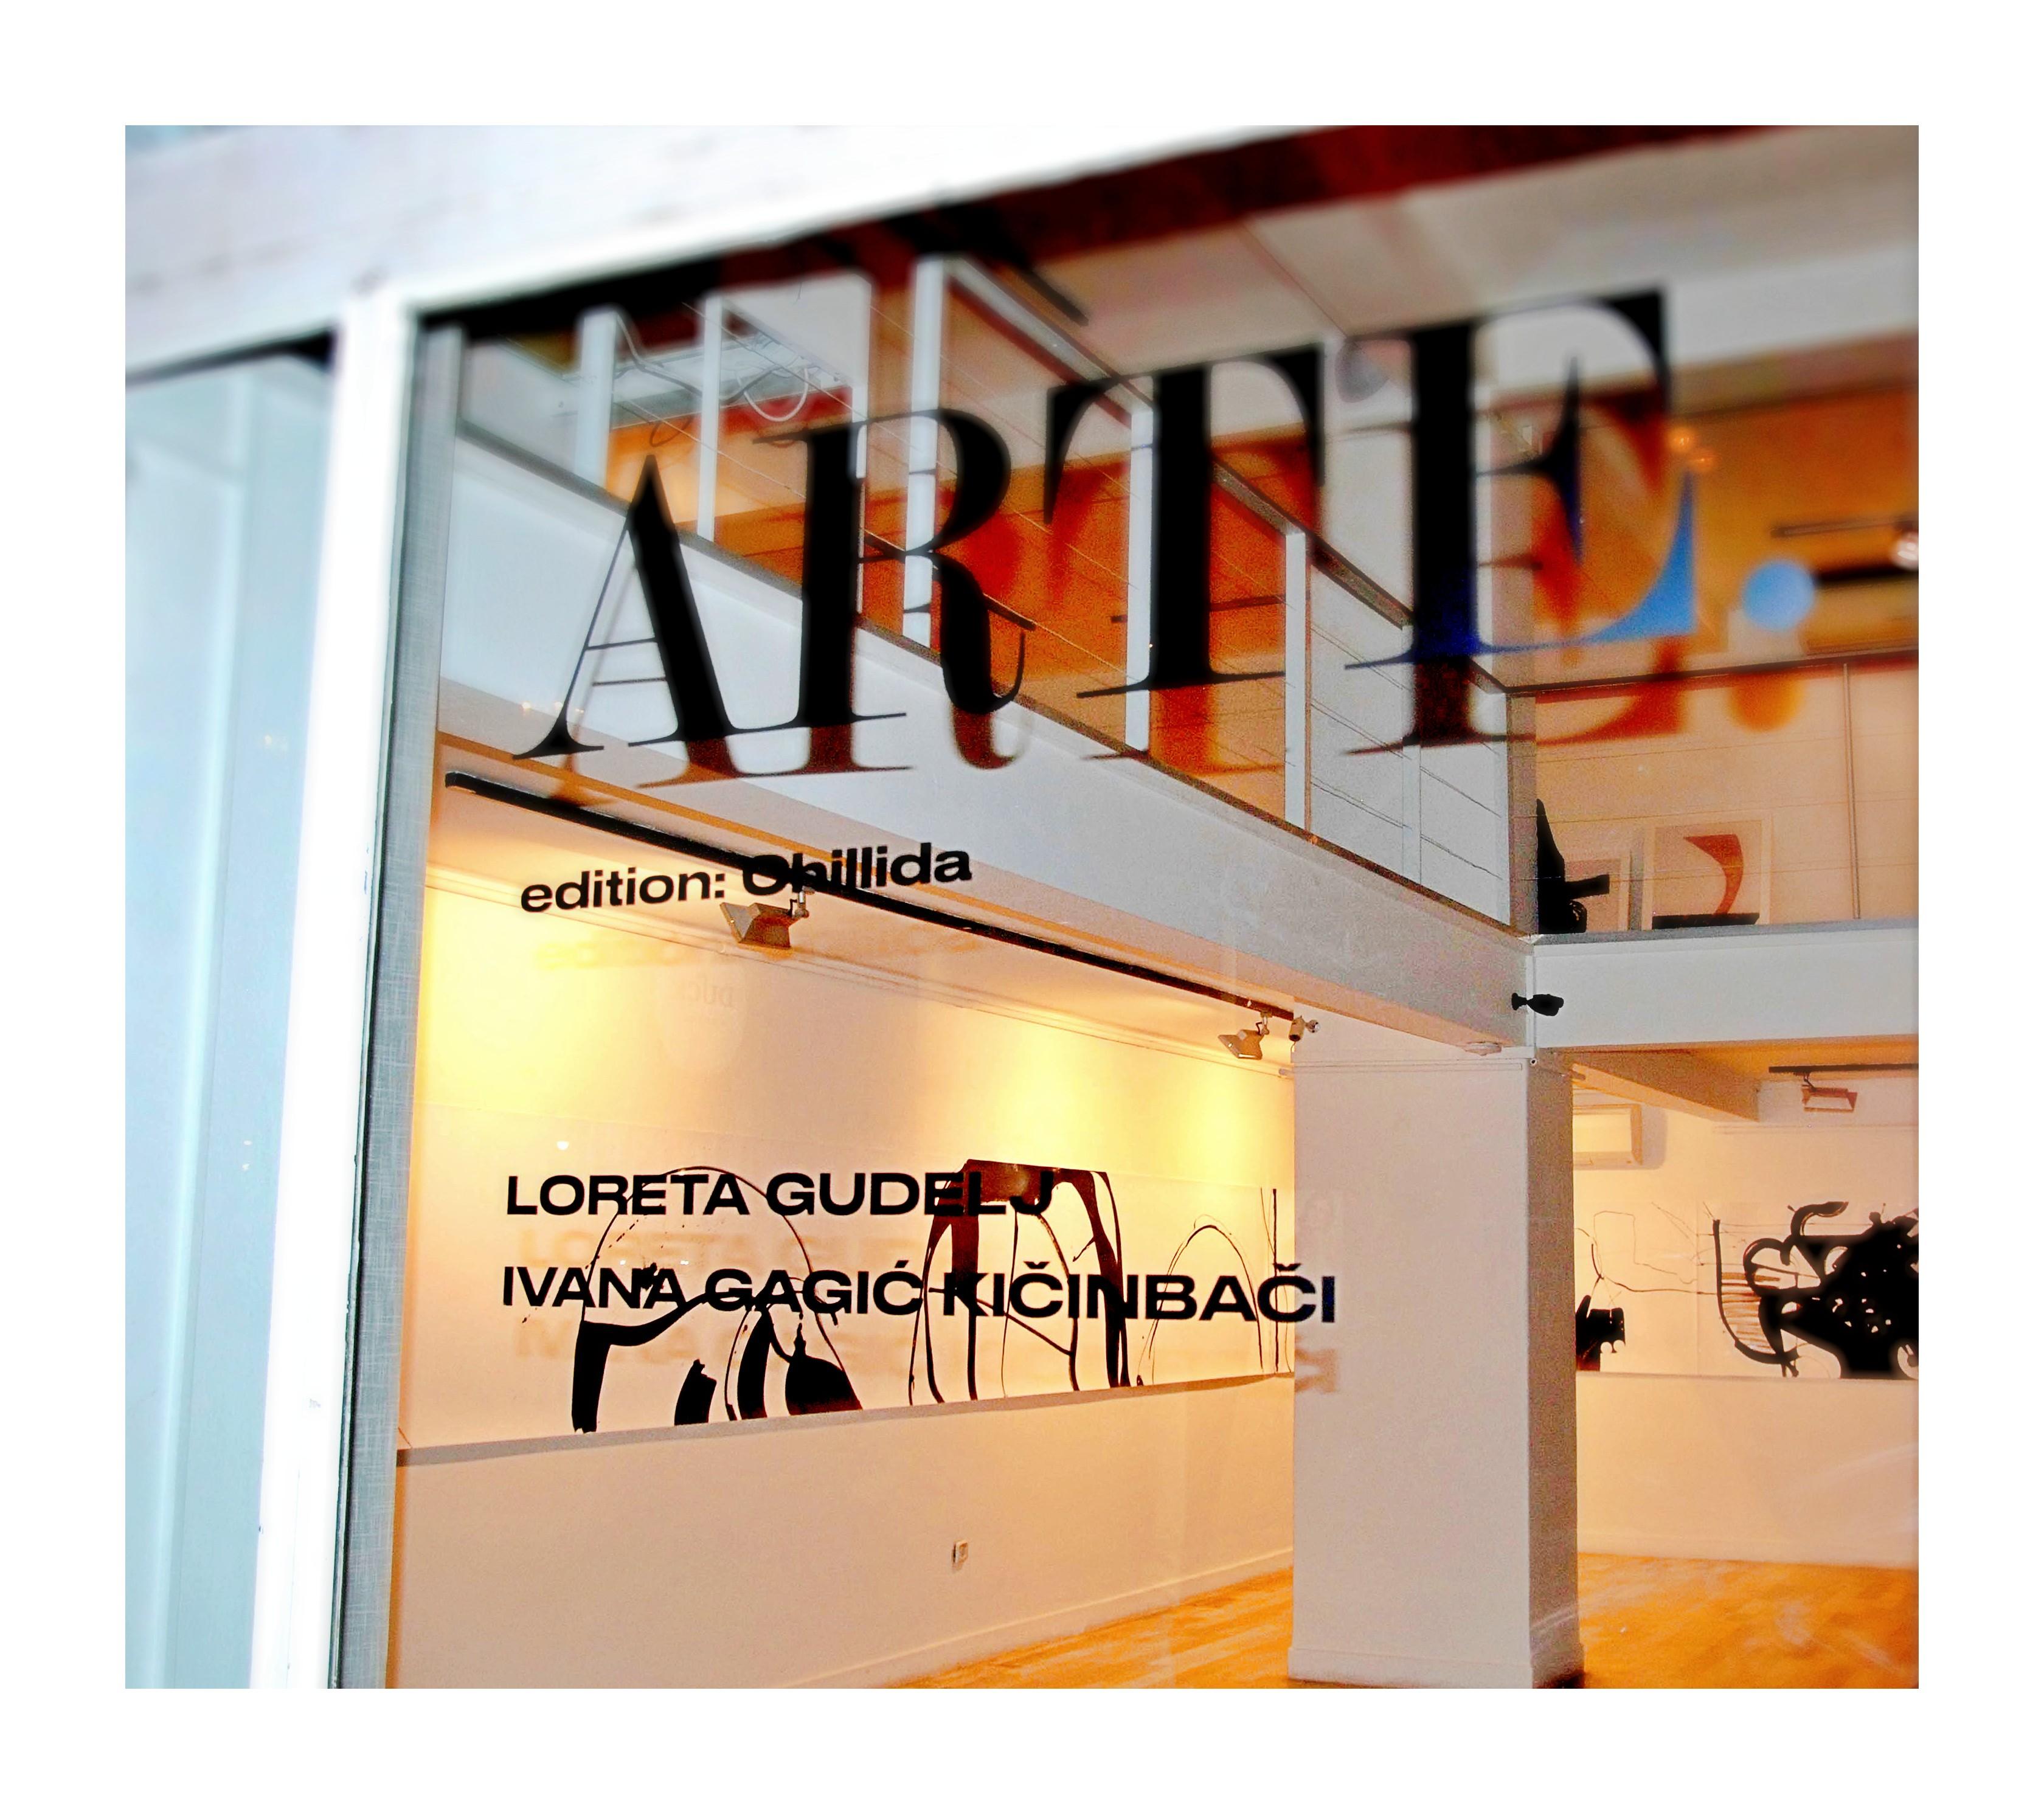 Arte. Edition:Chillida